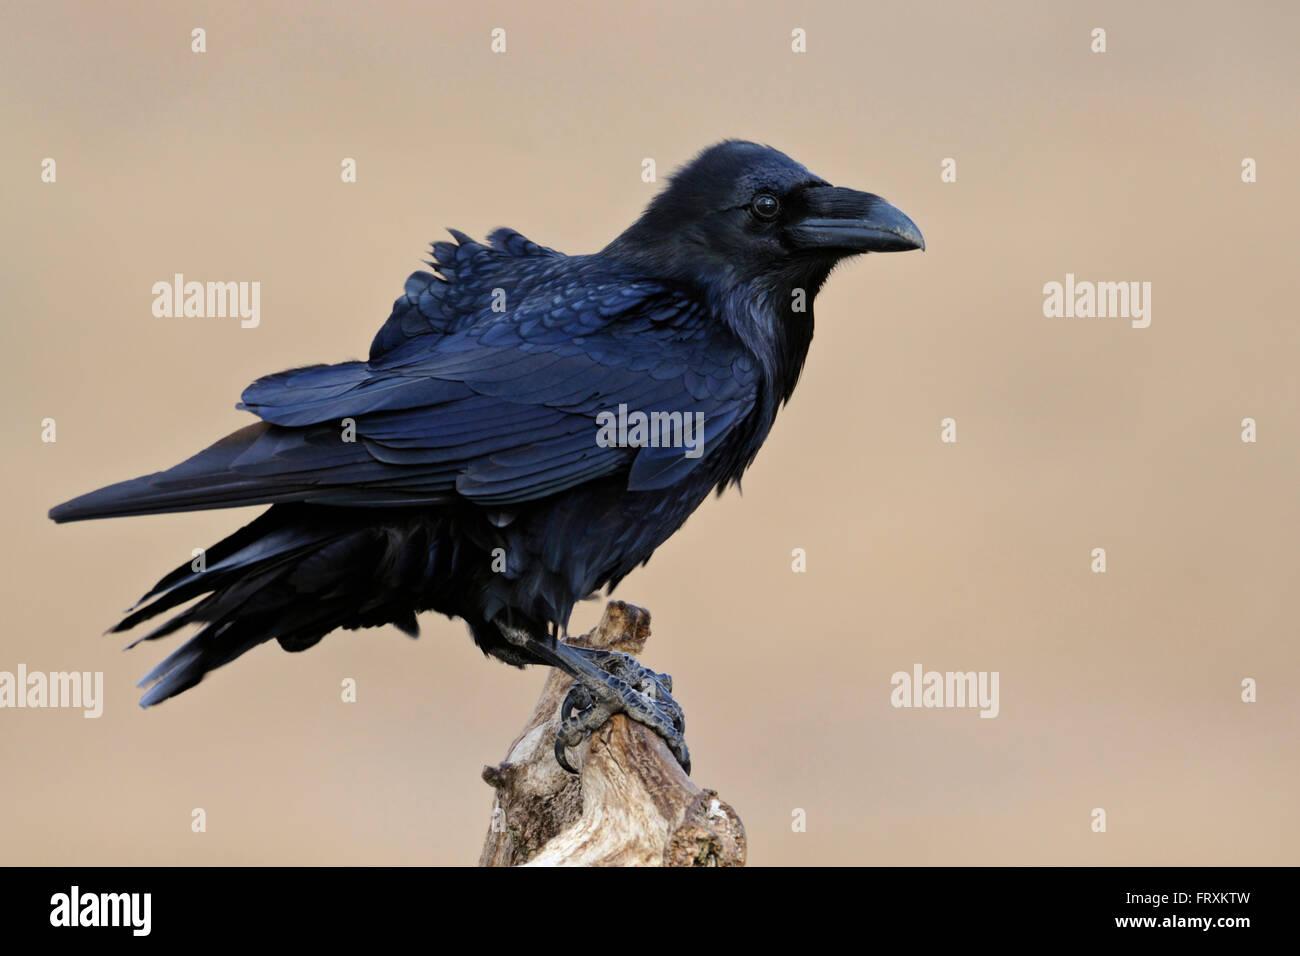 Kolkrabe / Kolkrabe (Corvus Corax), beeindruckende Erwachsener, thront vor reinigen Hintergrund aufmerksam beobachten. Stockbild